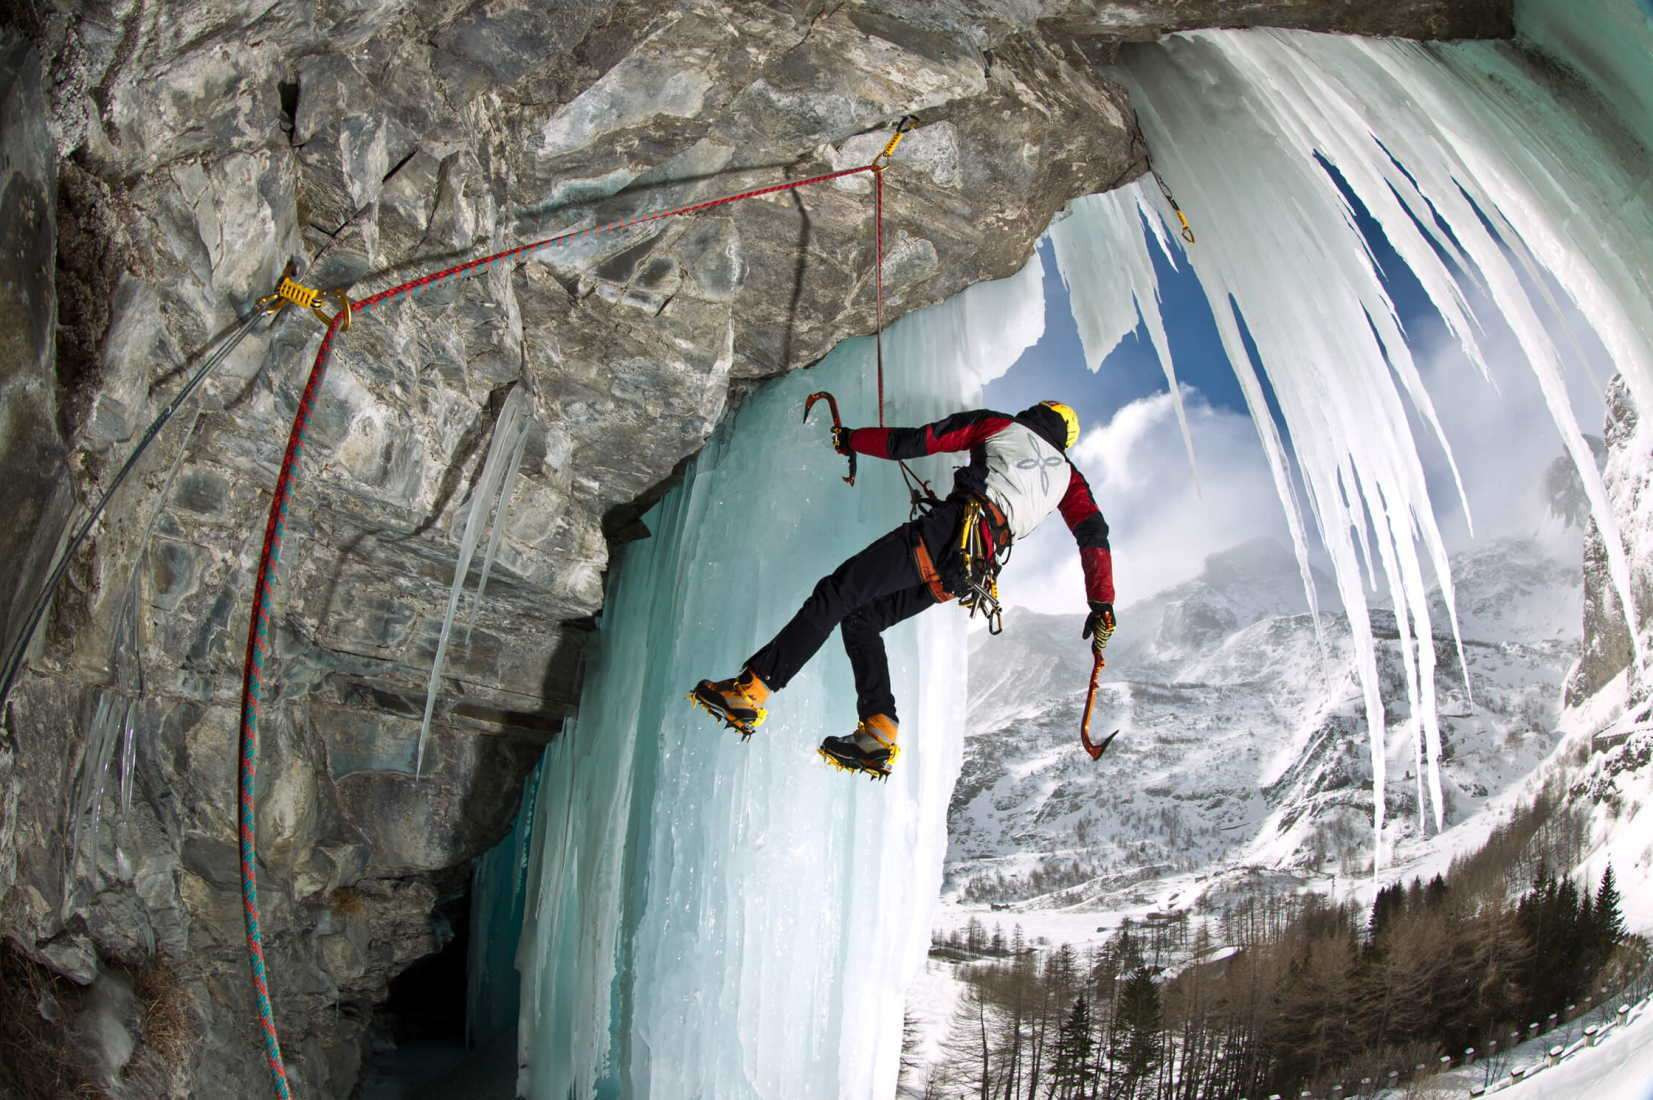 Corso di arrampicata su ghiaccio a Ceresole Reale (TO) - Tutti i livelli